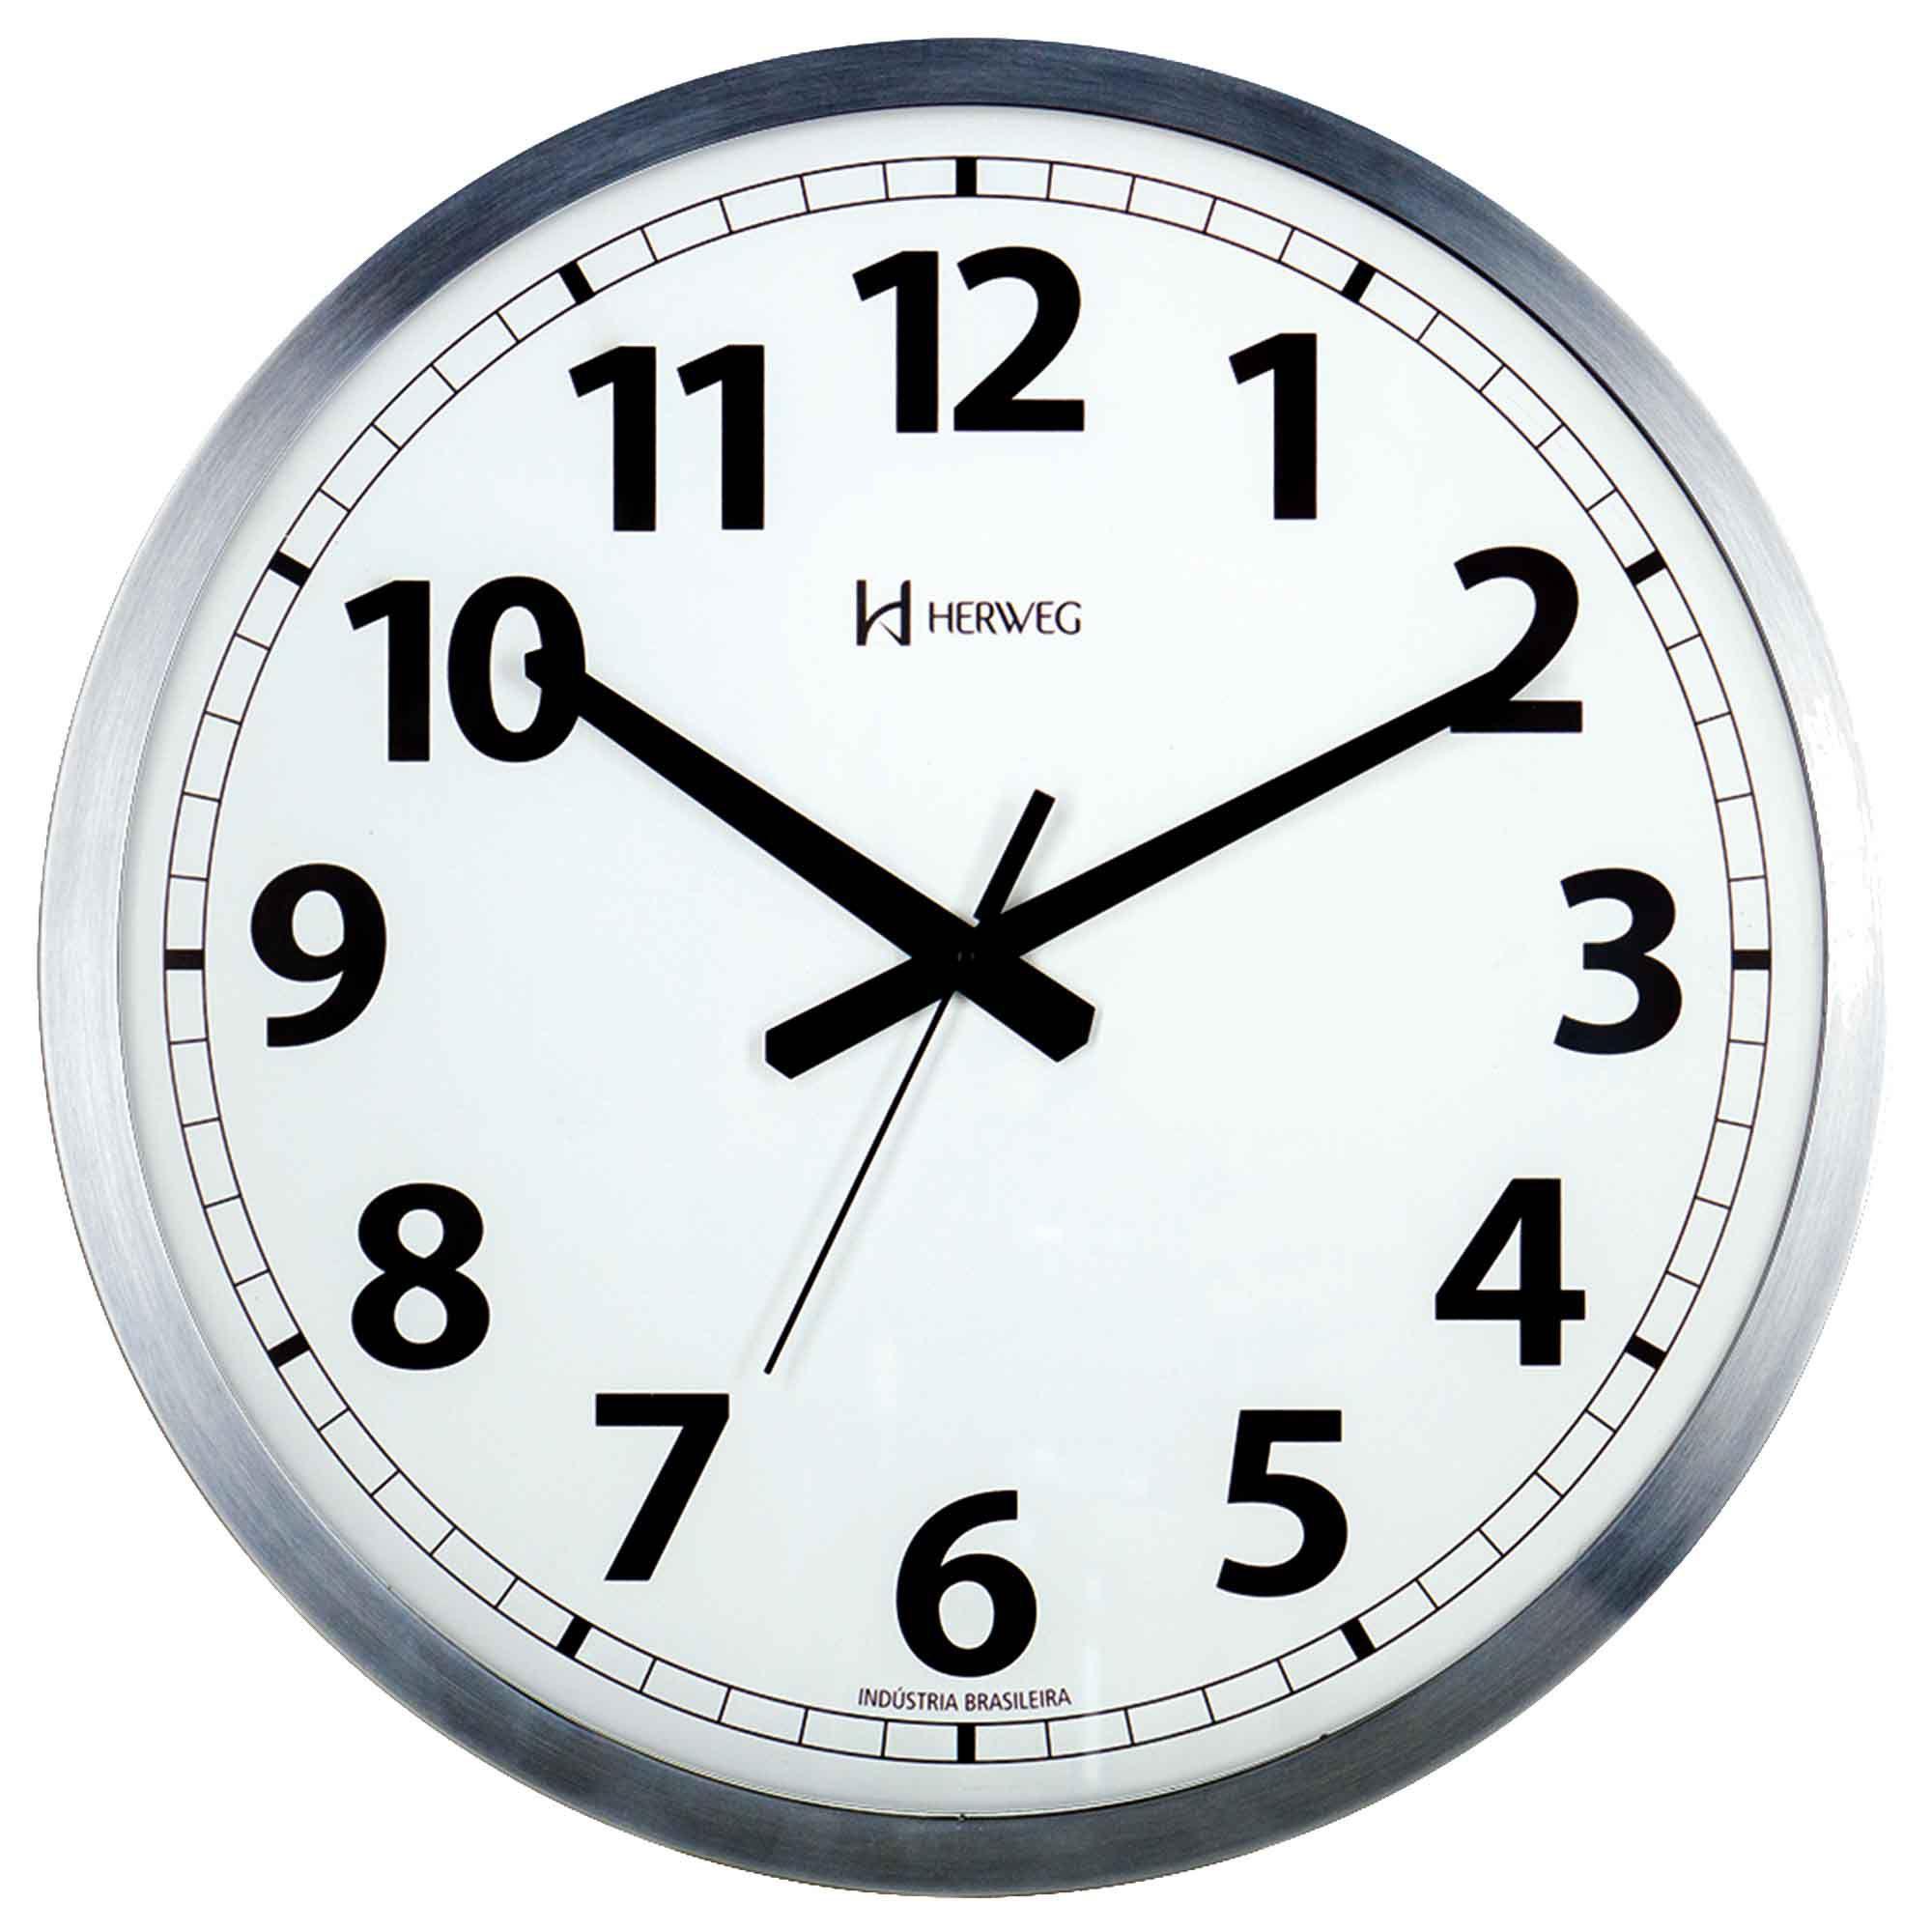 Relógio de Parede Analógico Herweg 6713 079 Alumínio